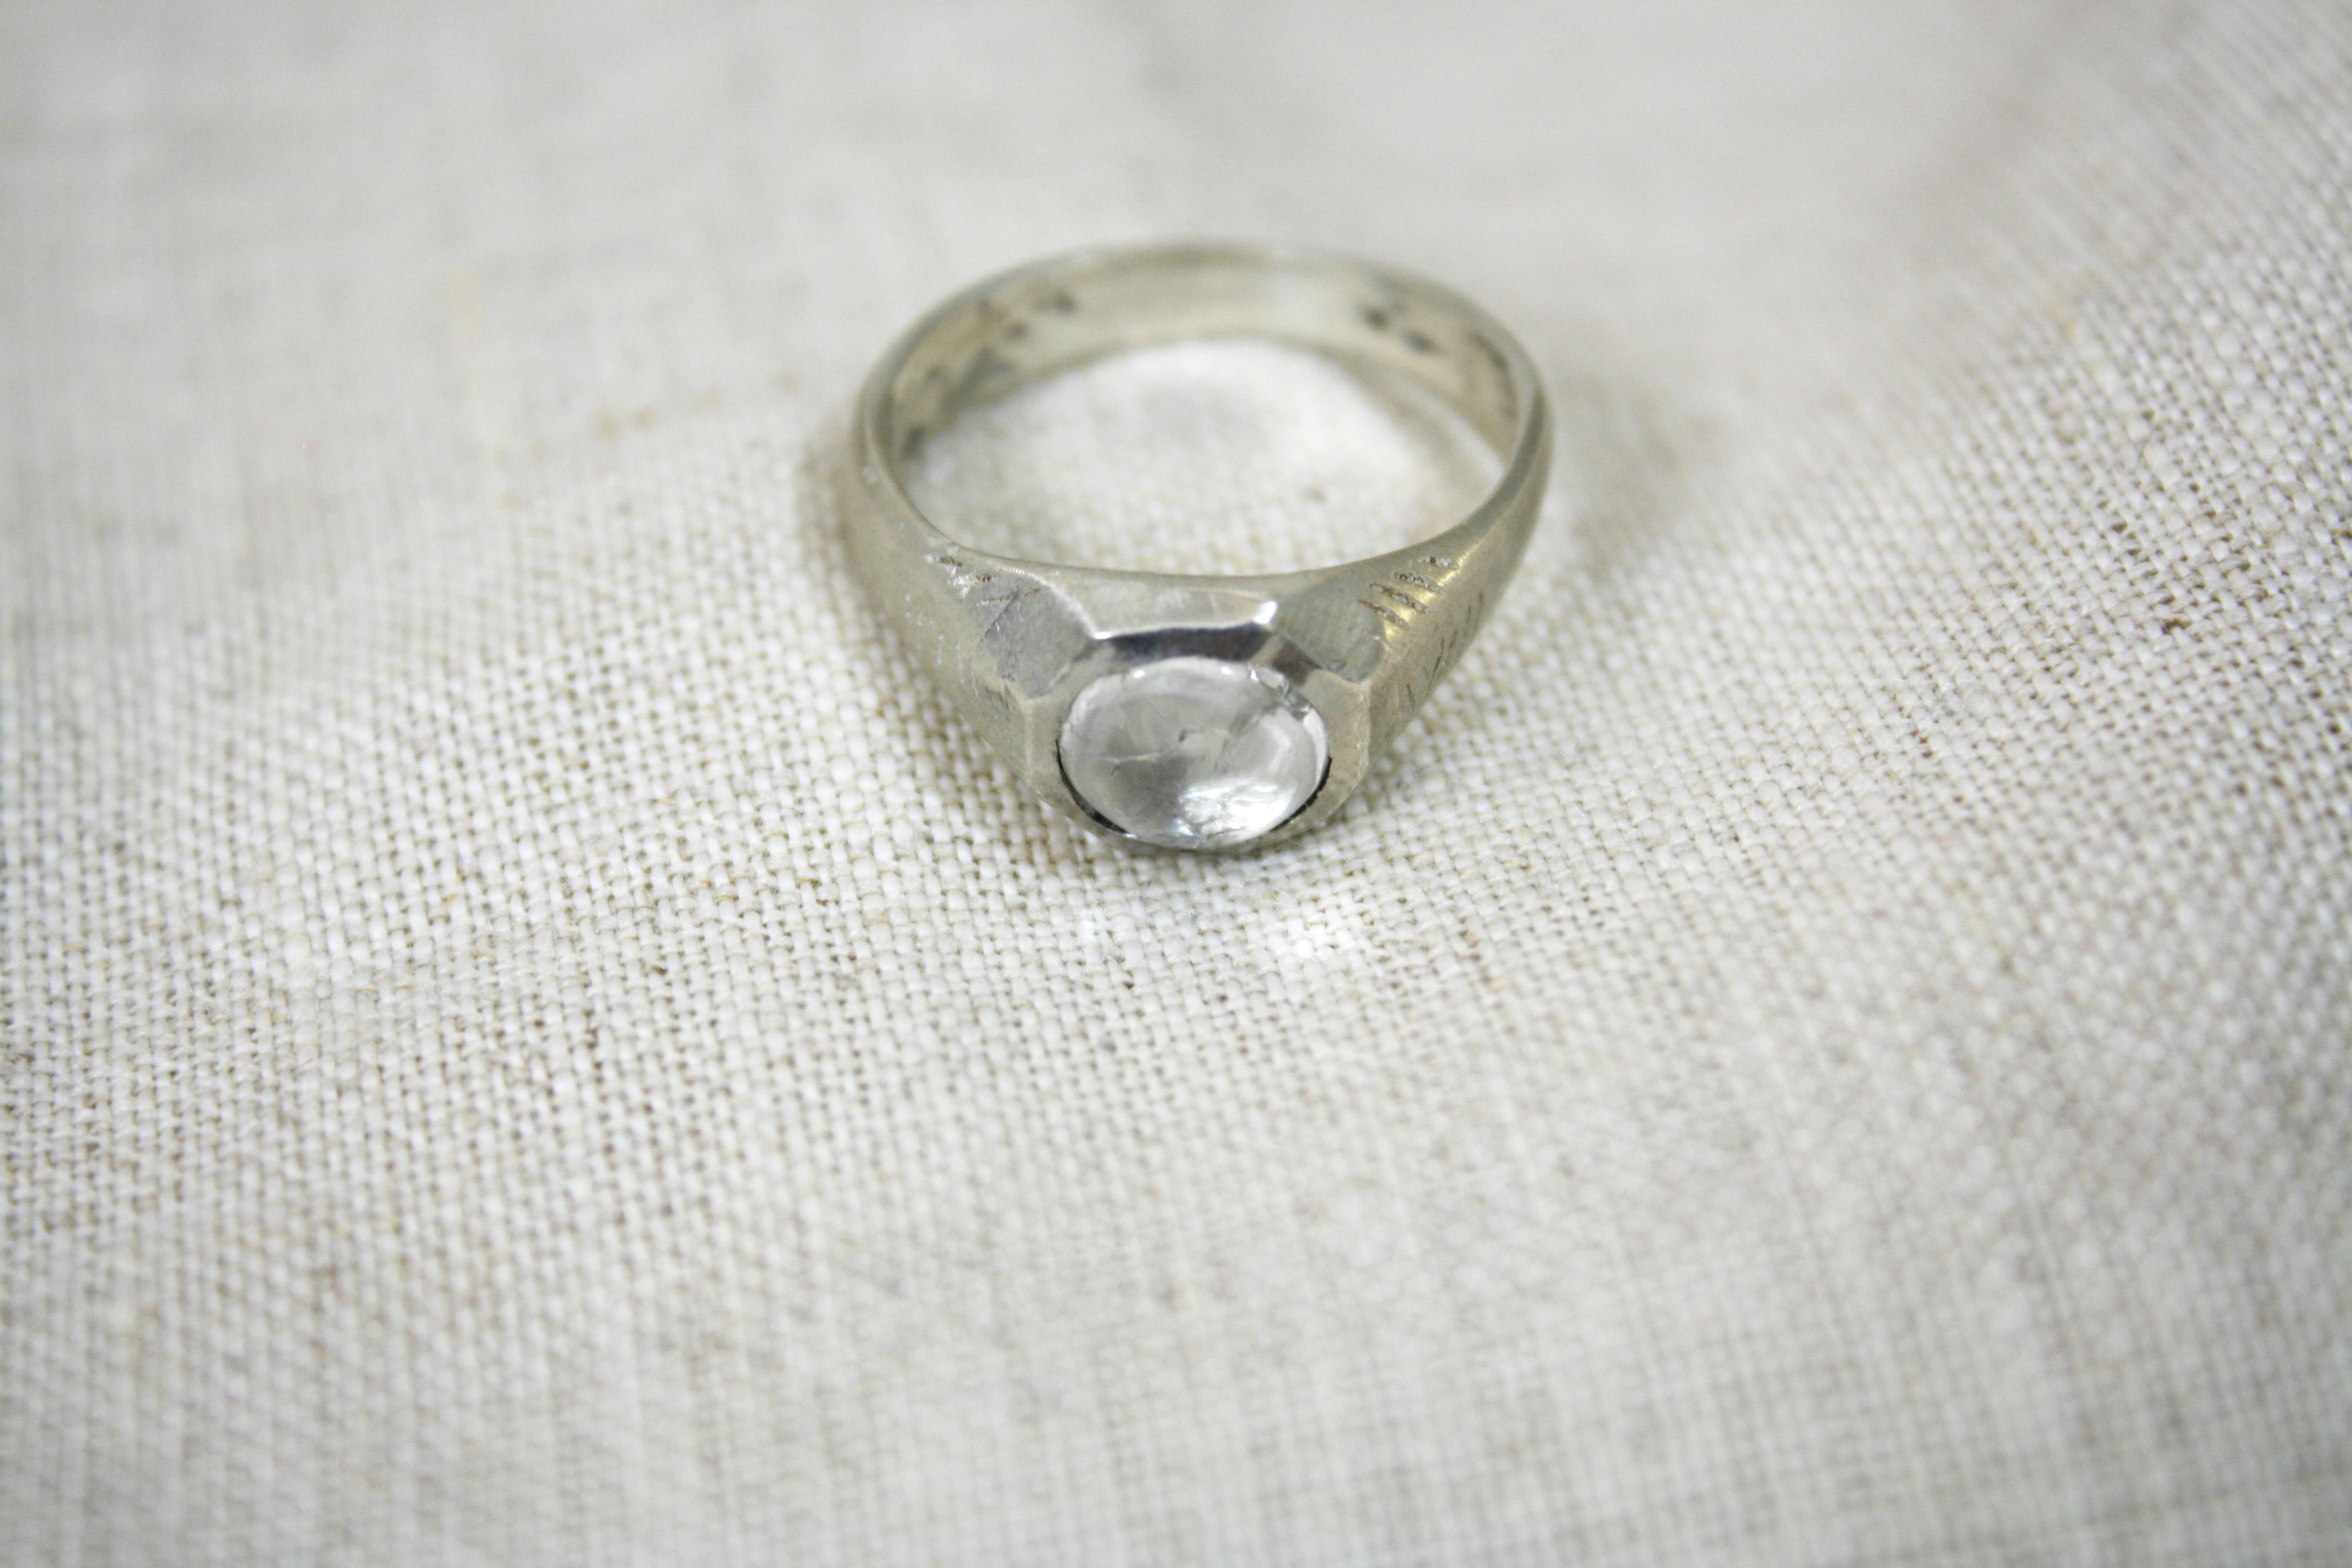 טבעת בארות מים מתוקים כסף וקווארץ